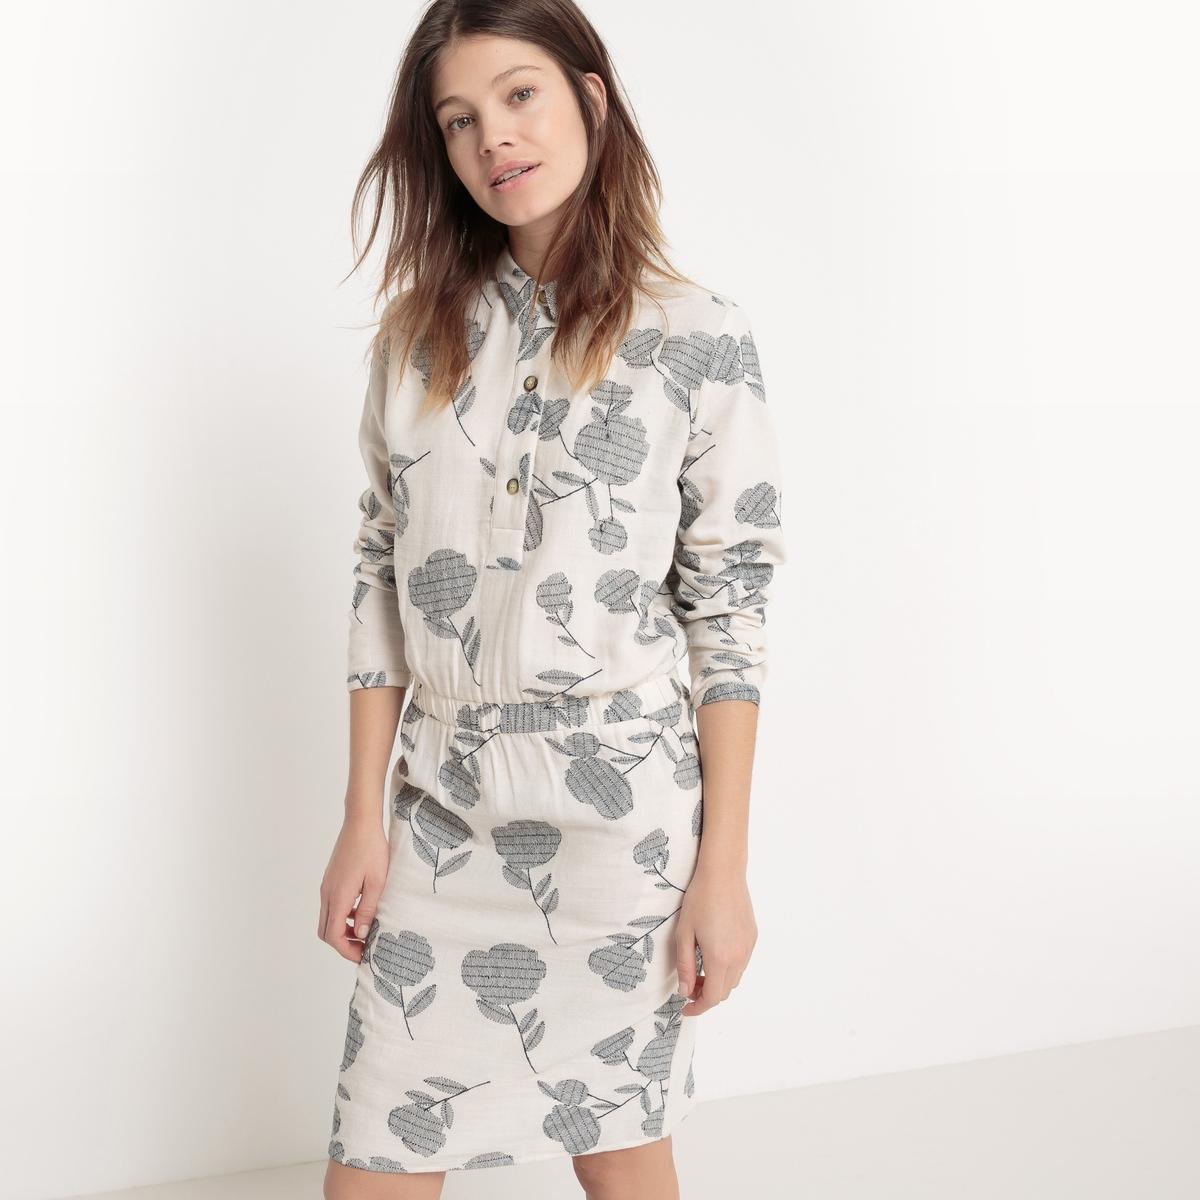 Платье с рубашечным воротником, длина до колен, с рисункомМатериал : 100% хлопок                     Длина рукава : длинные рукава                    Особенность пояса : эластичный пояс                    Форма воротника : воротник-поло, рубашечный                 Покрой платья : расклешенное платье                    Рисунок : принт                      Длина платья : 94 см                    Стирка : машинная стирка при 30 °С в деликатном режиме                    Уход : сухая чистка и отбеливание запрещеныМашинная сушка : запрещена                    Глажка : при низкой температуре<br><br>Цвет: серо-бежевый<br>Размер: 34 (FR) - 40 (RUS).44 (FR) - 50 (RUS).48 (FR) - 54 (RUS).40 (FR) - 46 (RUS).42 (FR) - 48 (RUS).38 (FR) - 44 (RUS).36 (FR) - 42 (RUS)